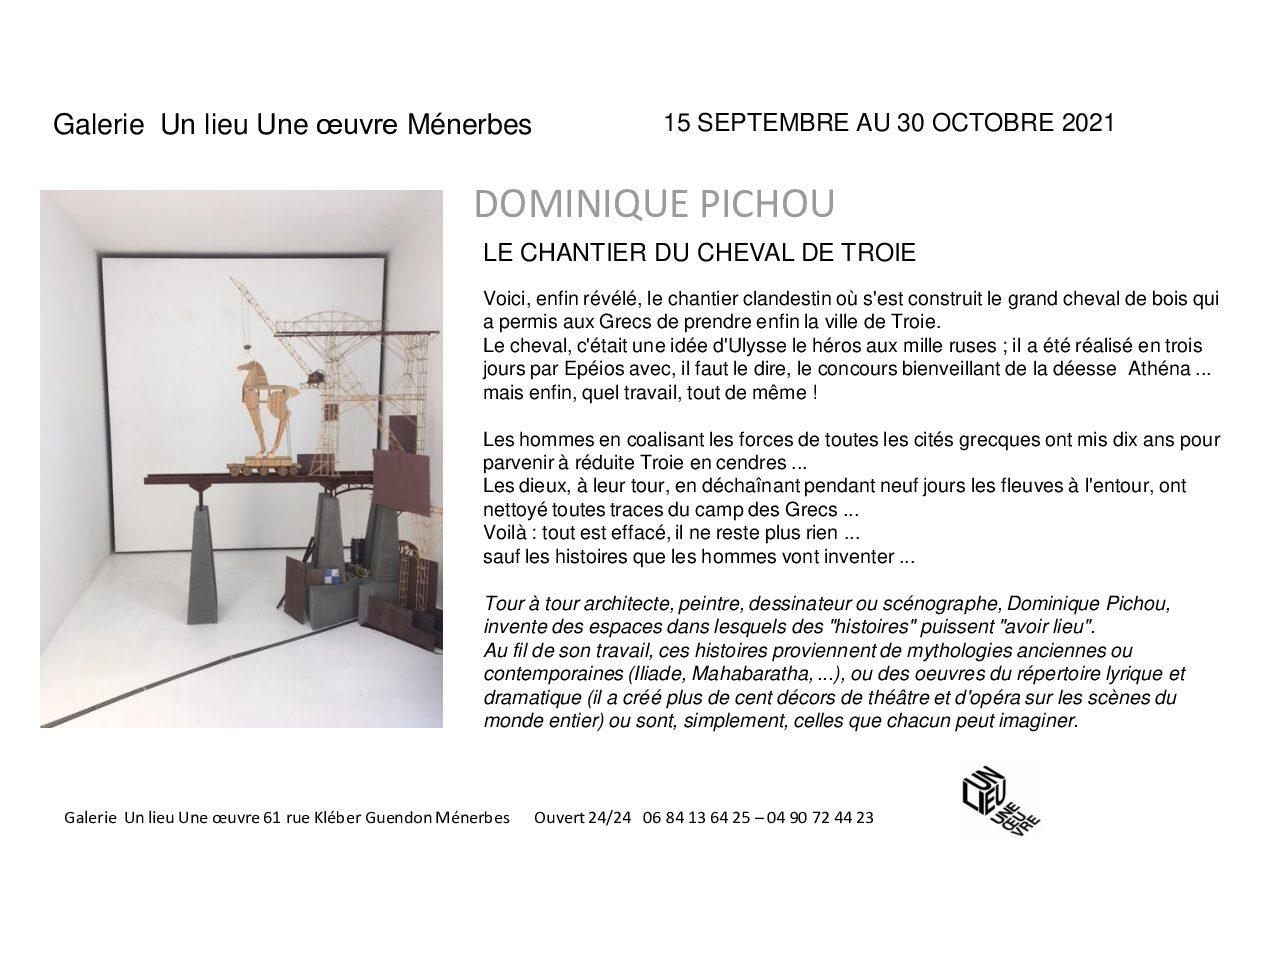 Exposition Dominique Pichou - Galerie Un Lieu Une Oeuvre